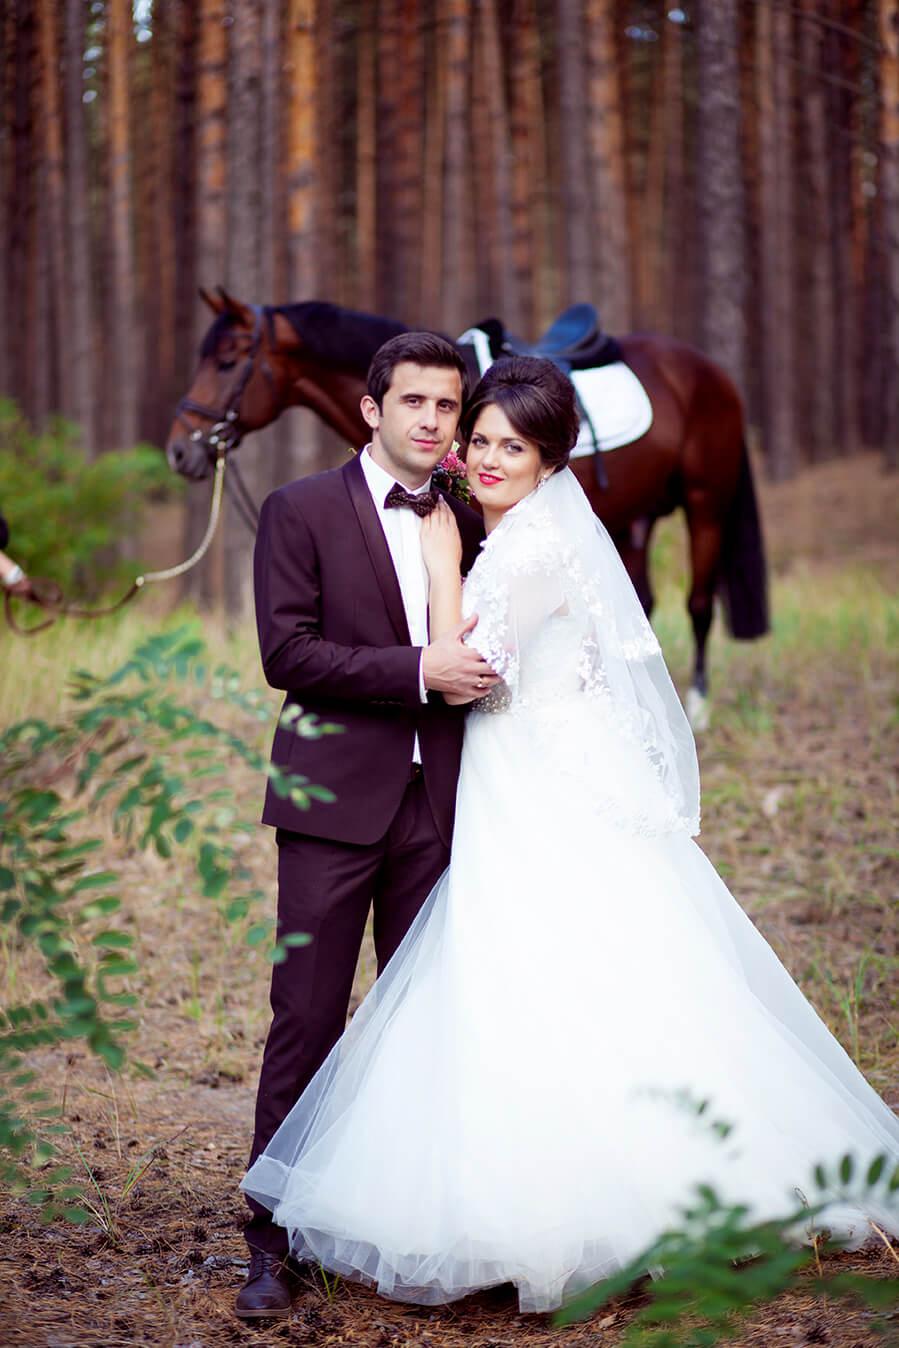 7-konnaja-fotosessija-kiev-semejnyj-detskij-svadebnyj-fotograf-6